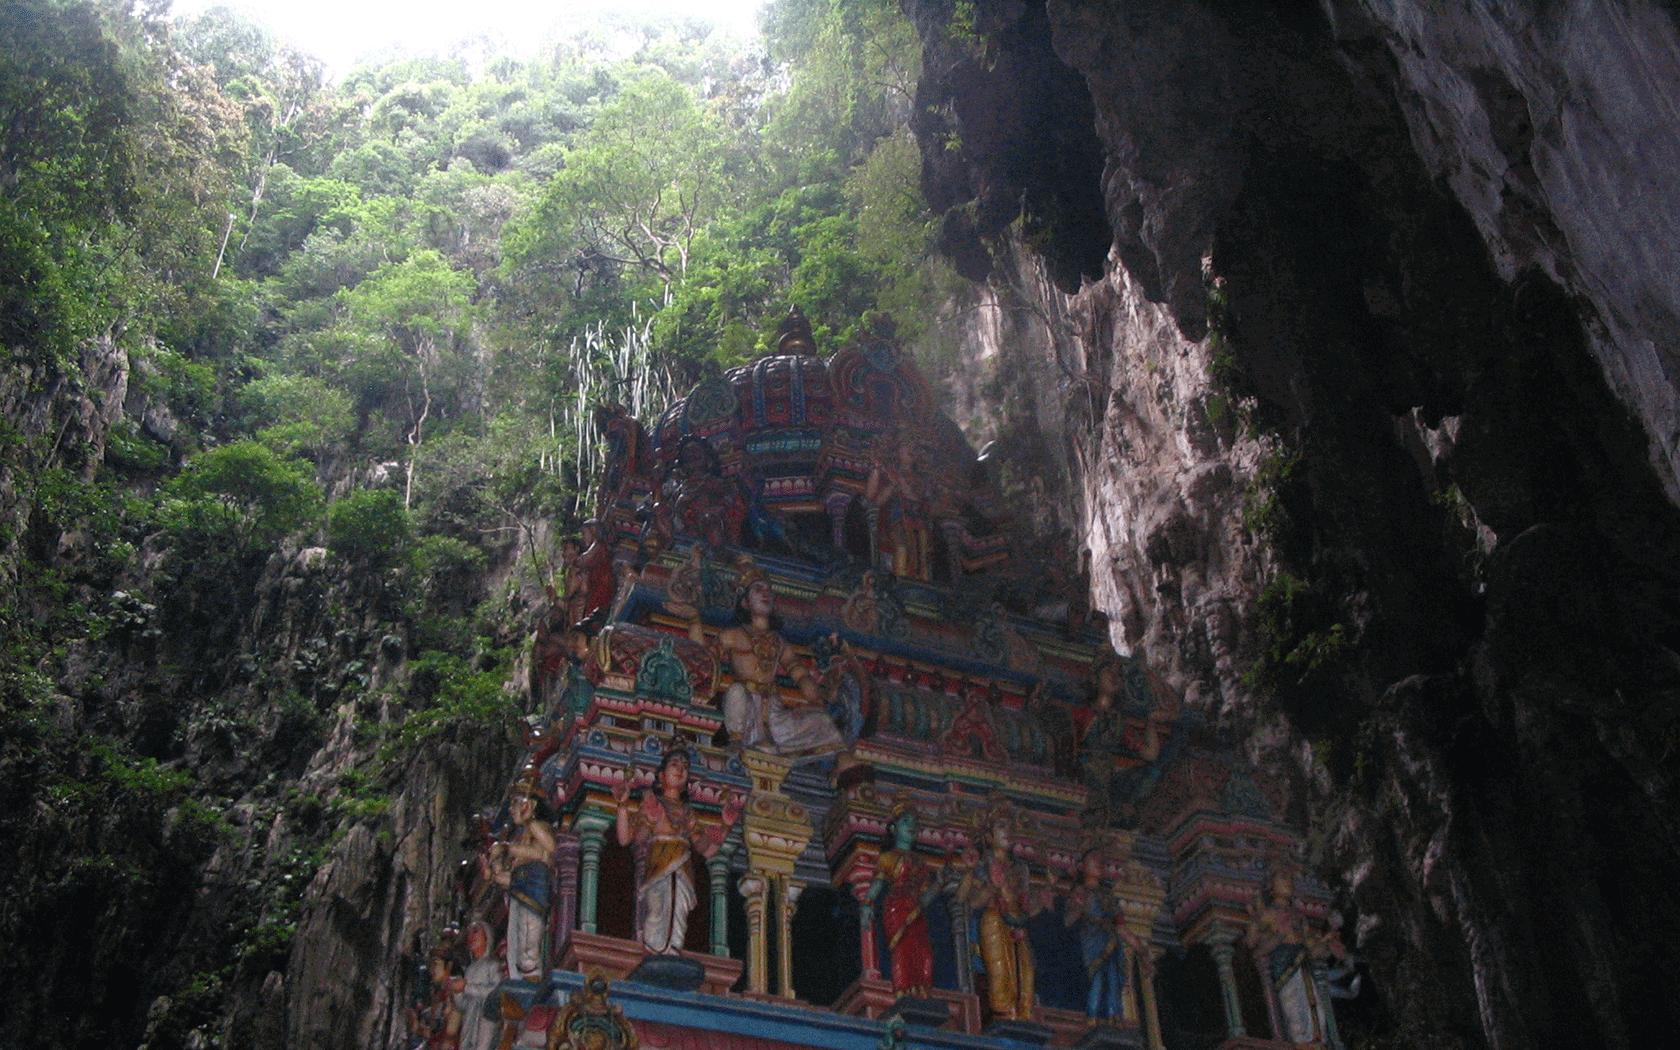 Batu caves in Malaysia.